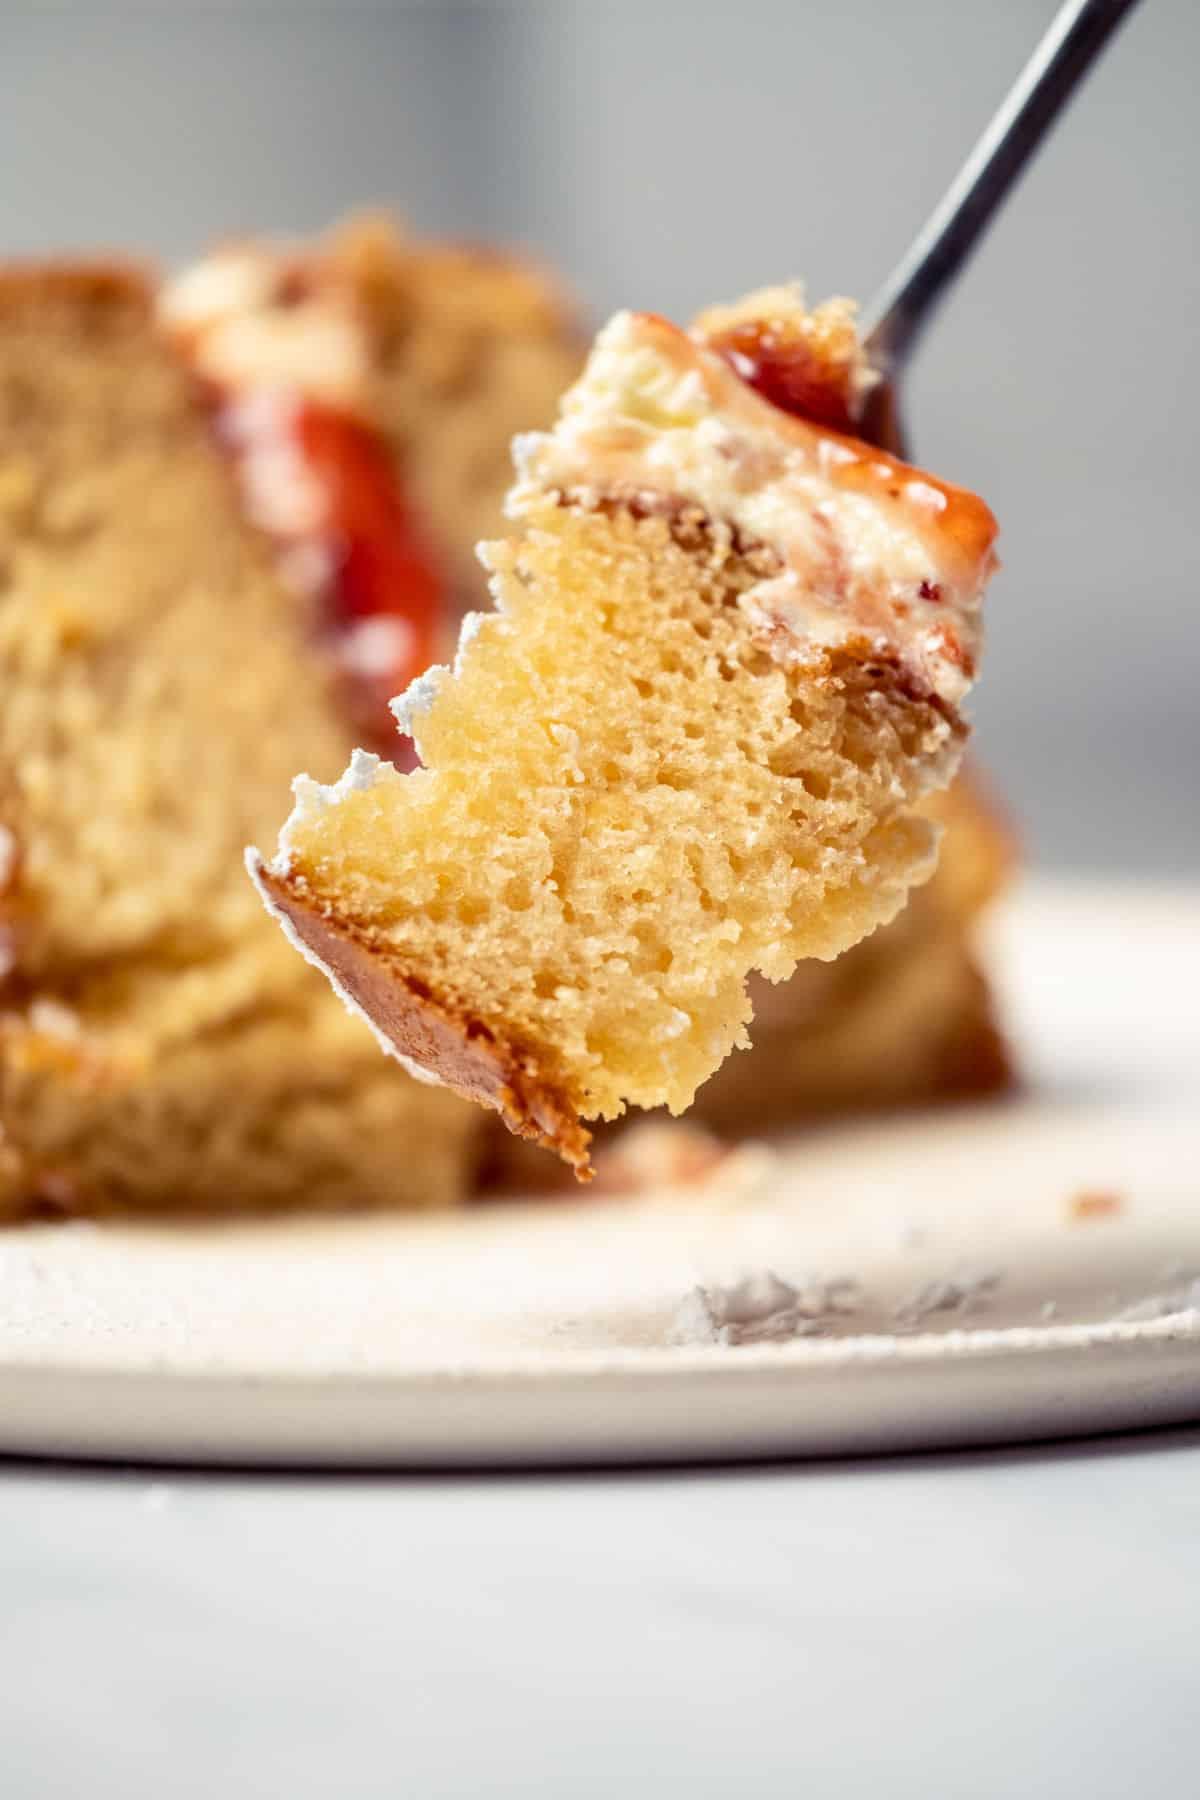 Forkful of vegan Victoria sponge cake.